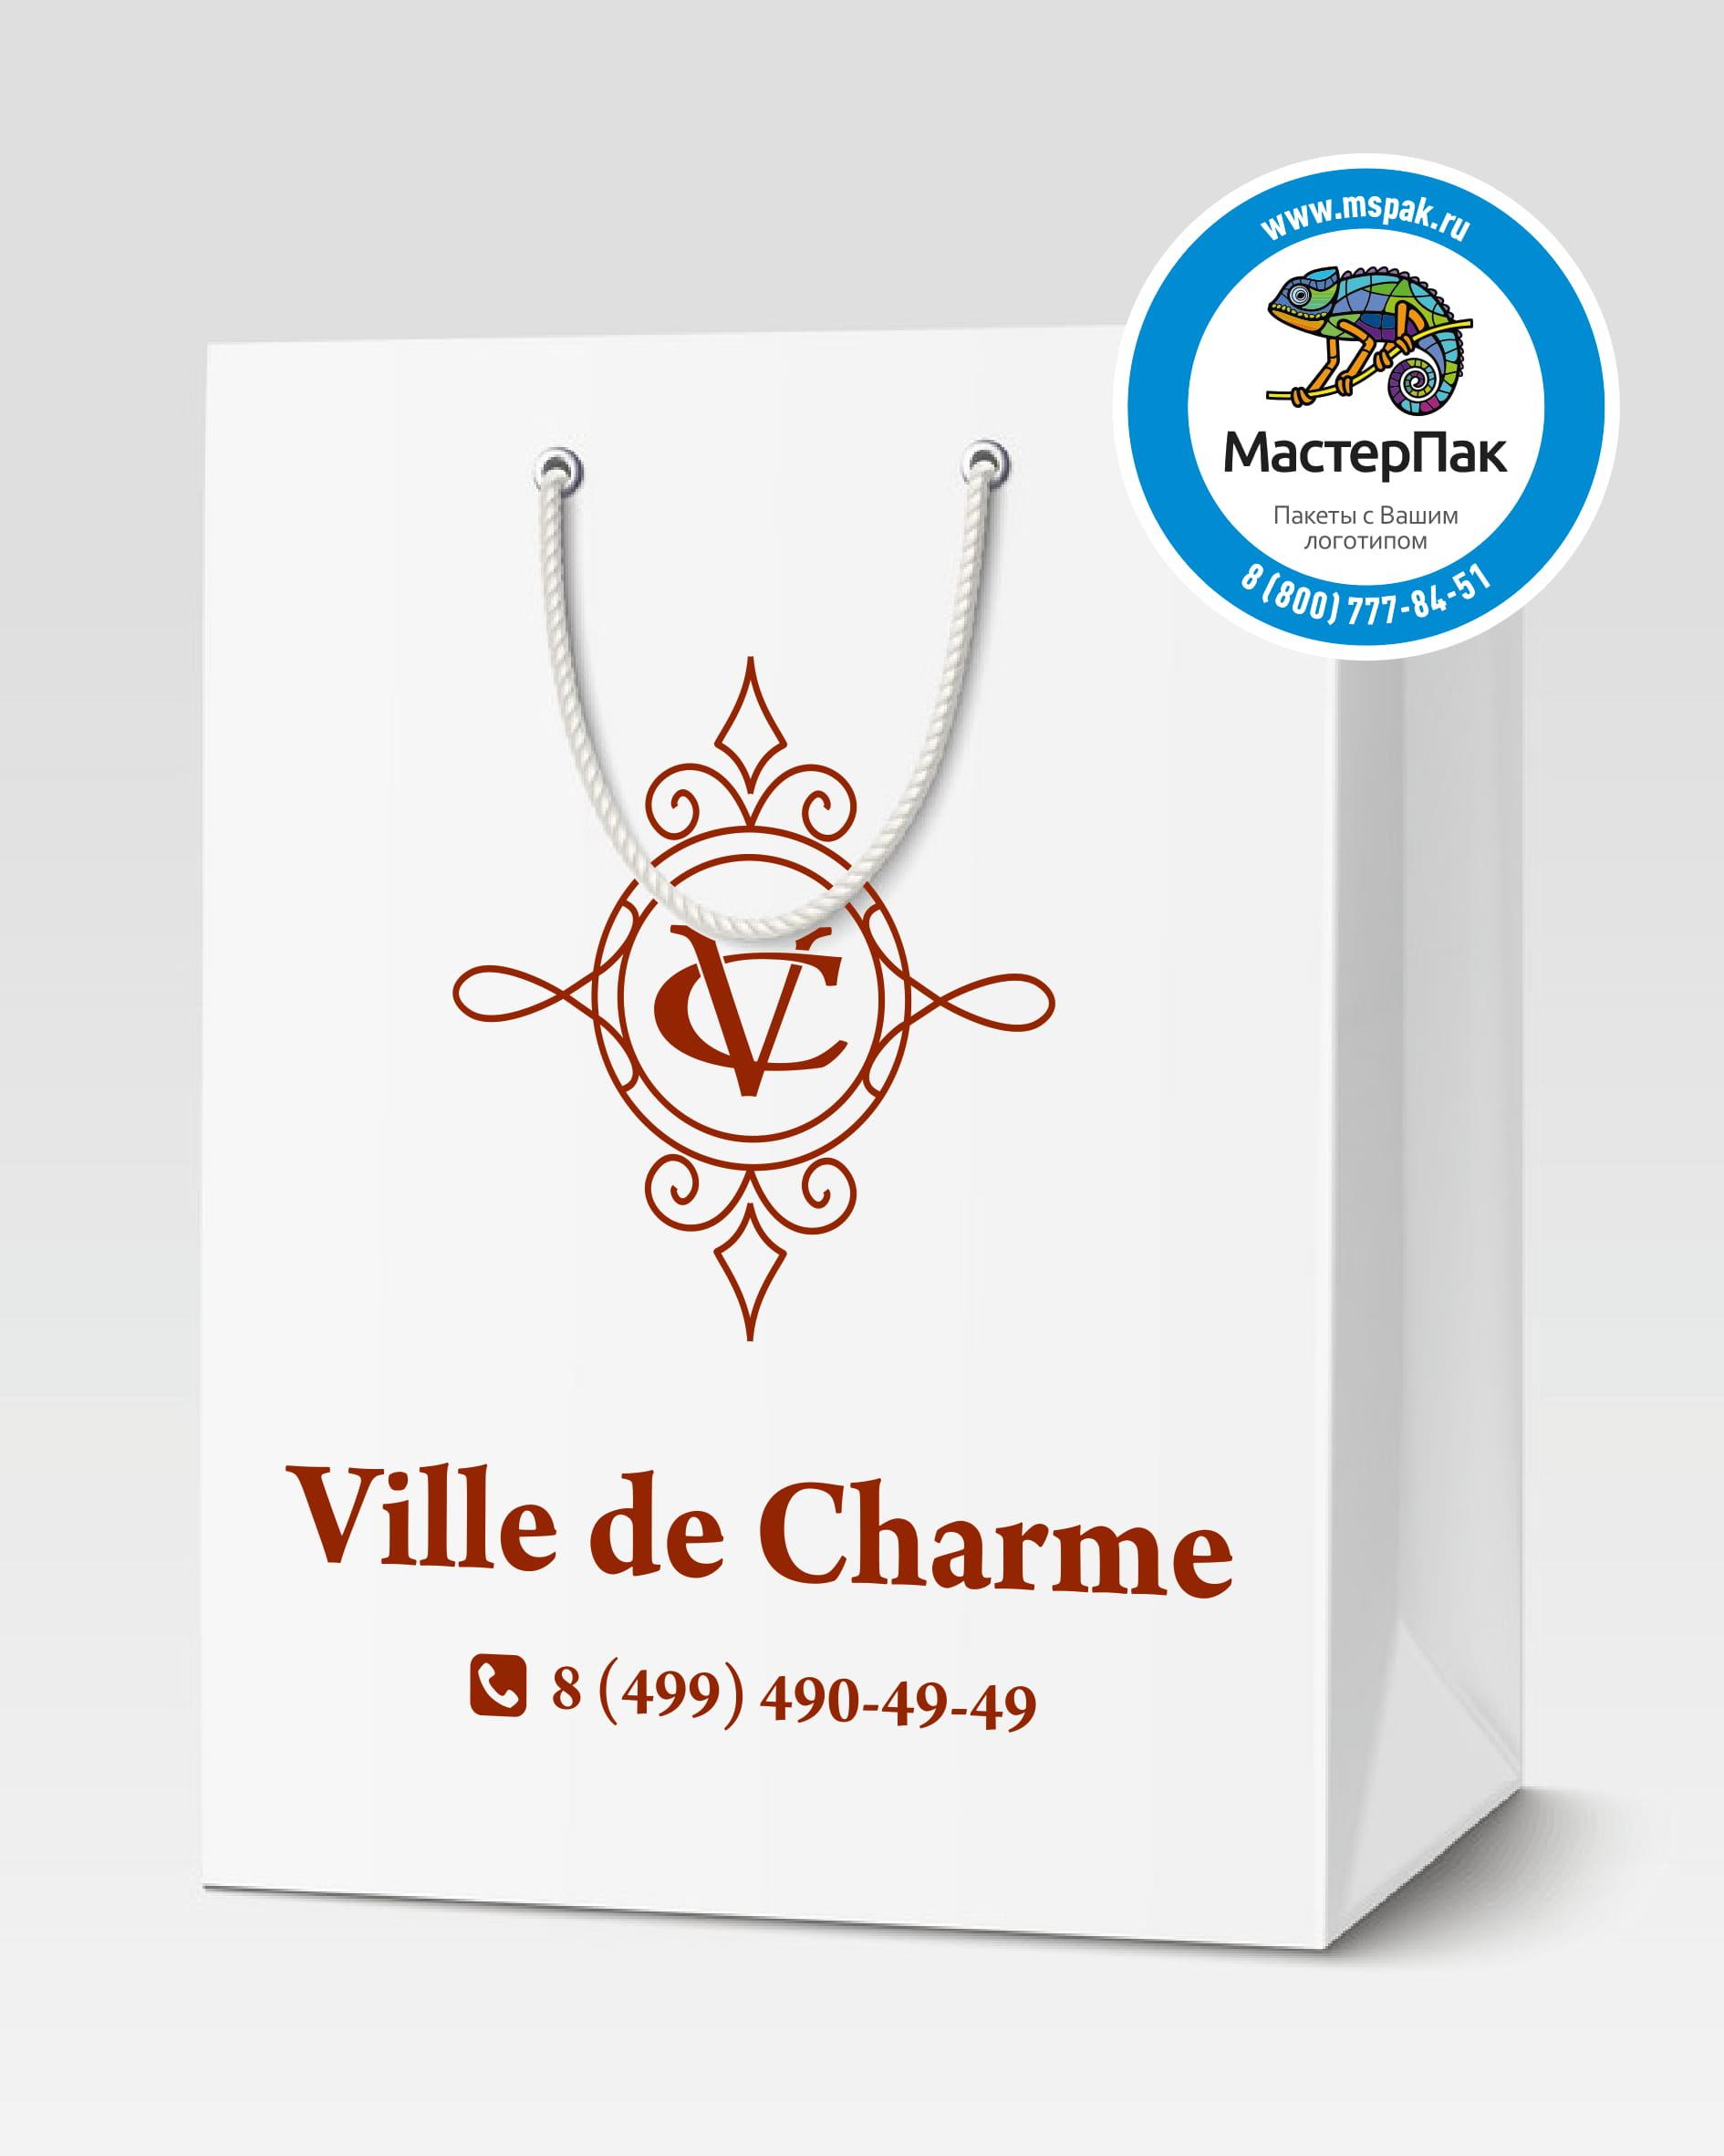 Пакет подарочный, бумажный с логотипом Ville de Charme, Москва, 30*40, люверсы